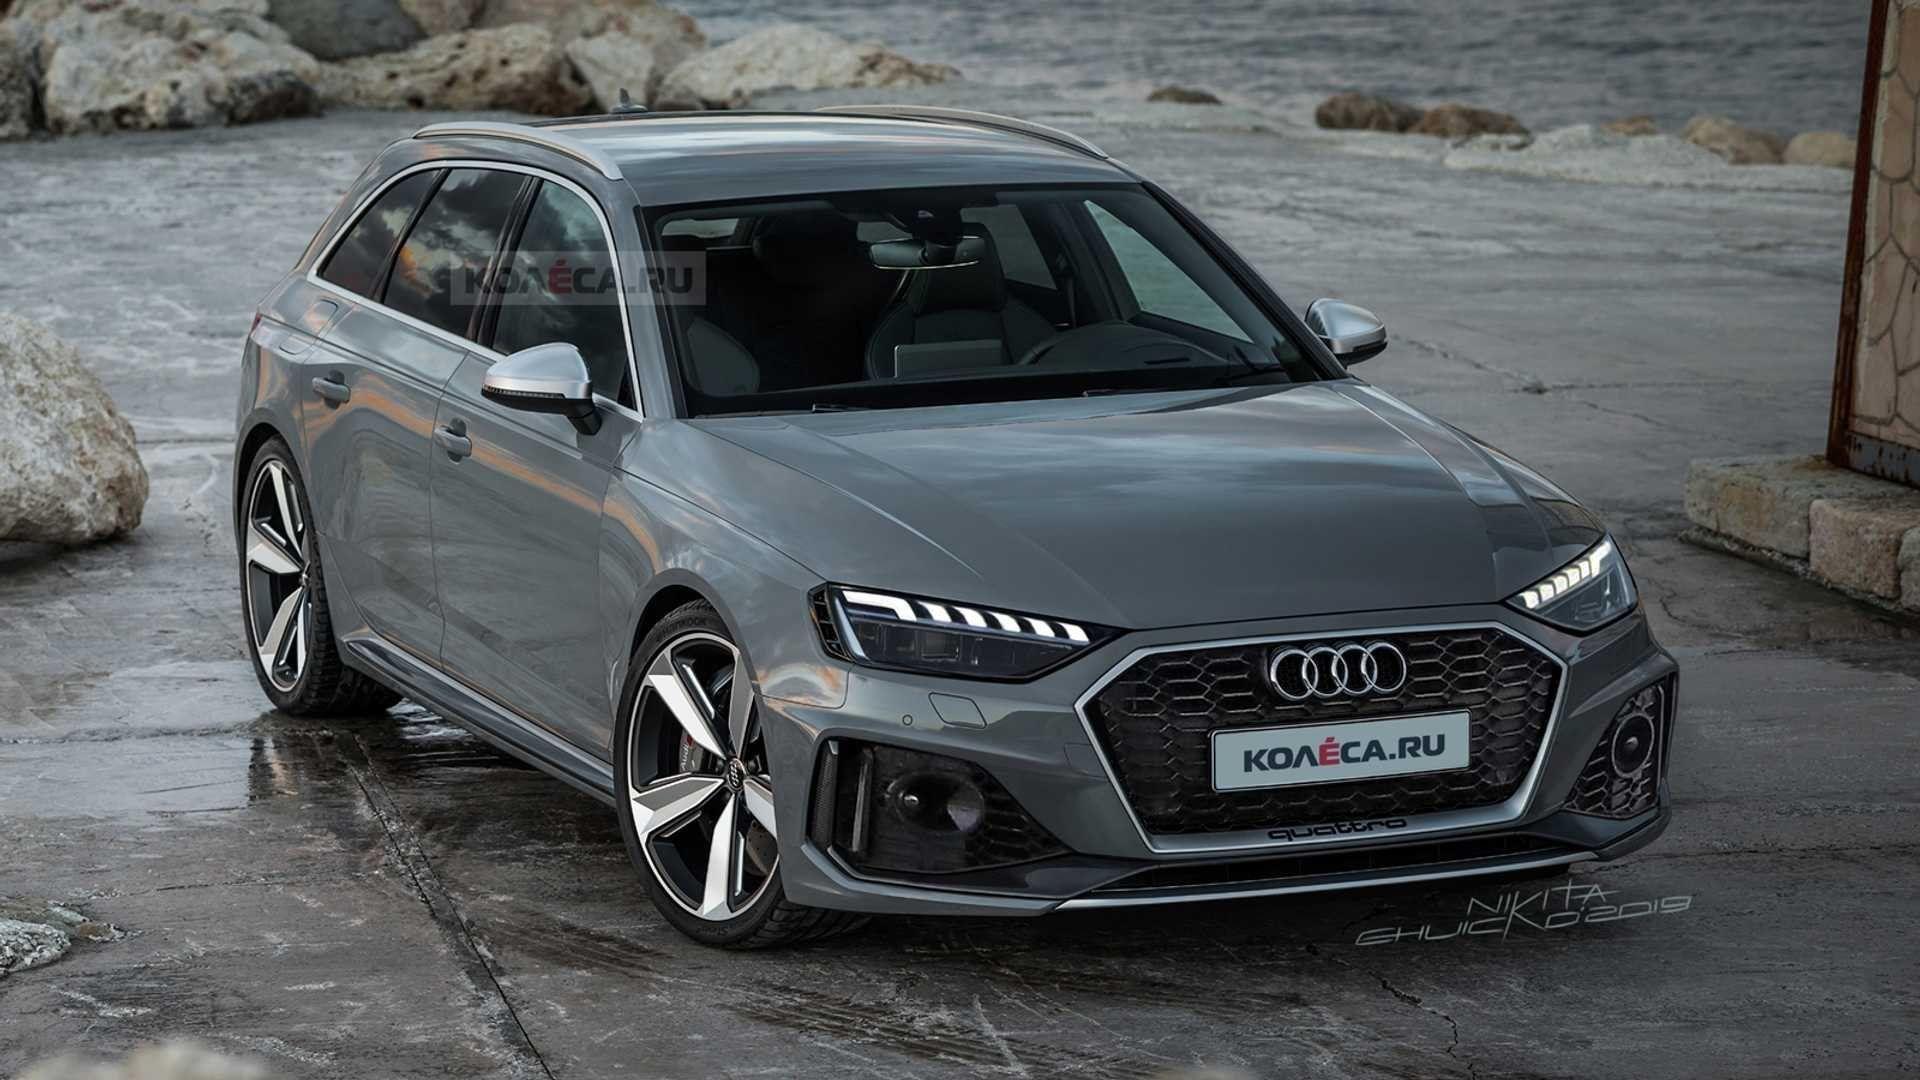 5 Audi S5 New Concept in 5  Audi rs5, Audi s5, Audi s5